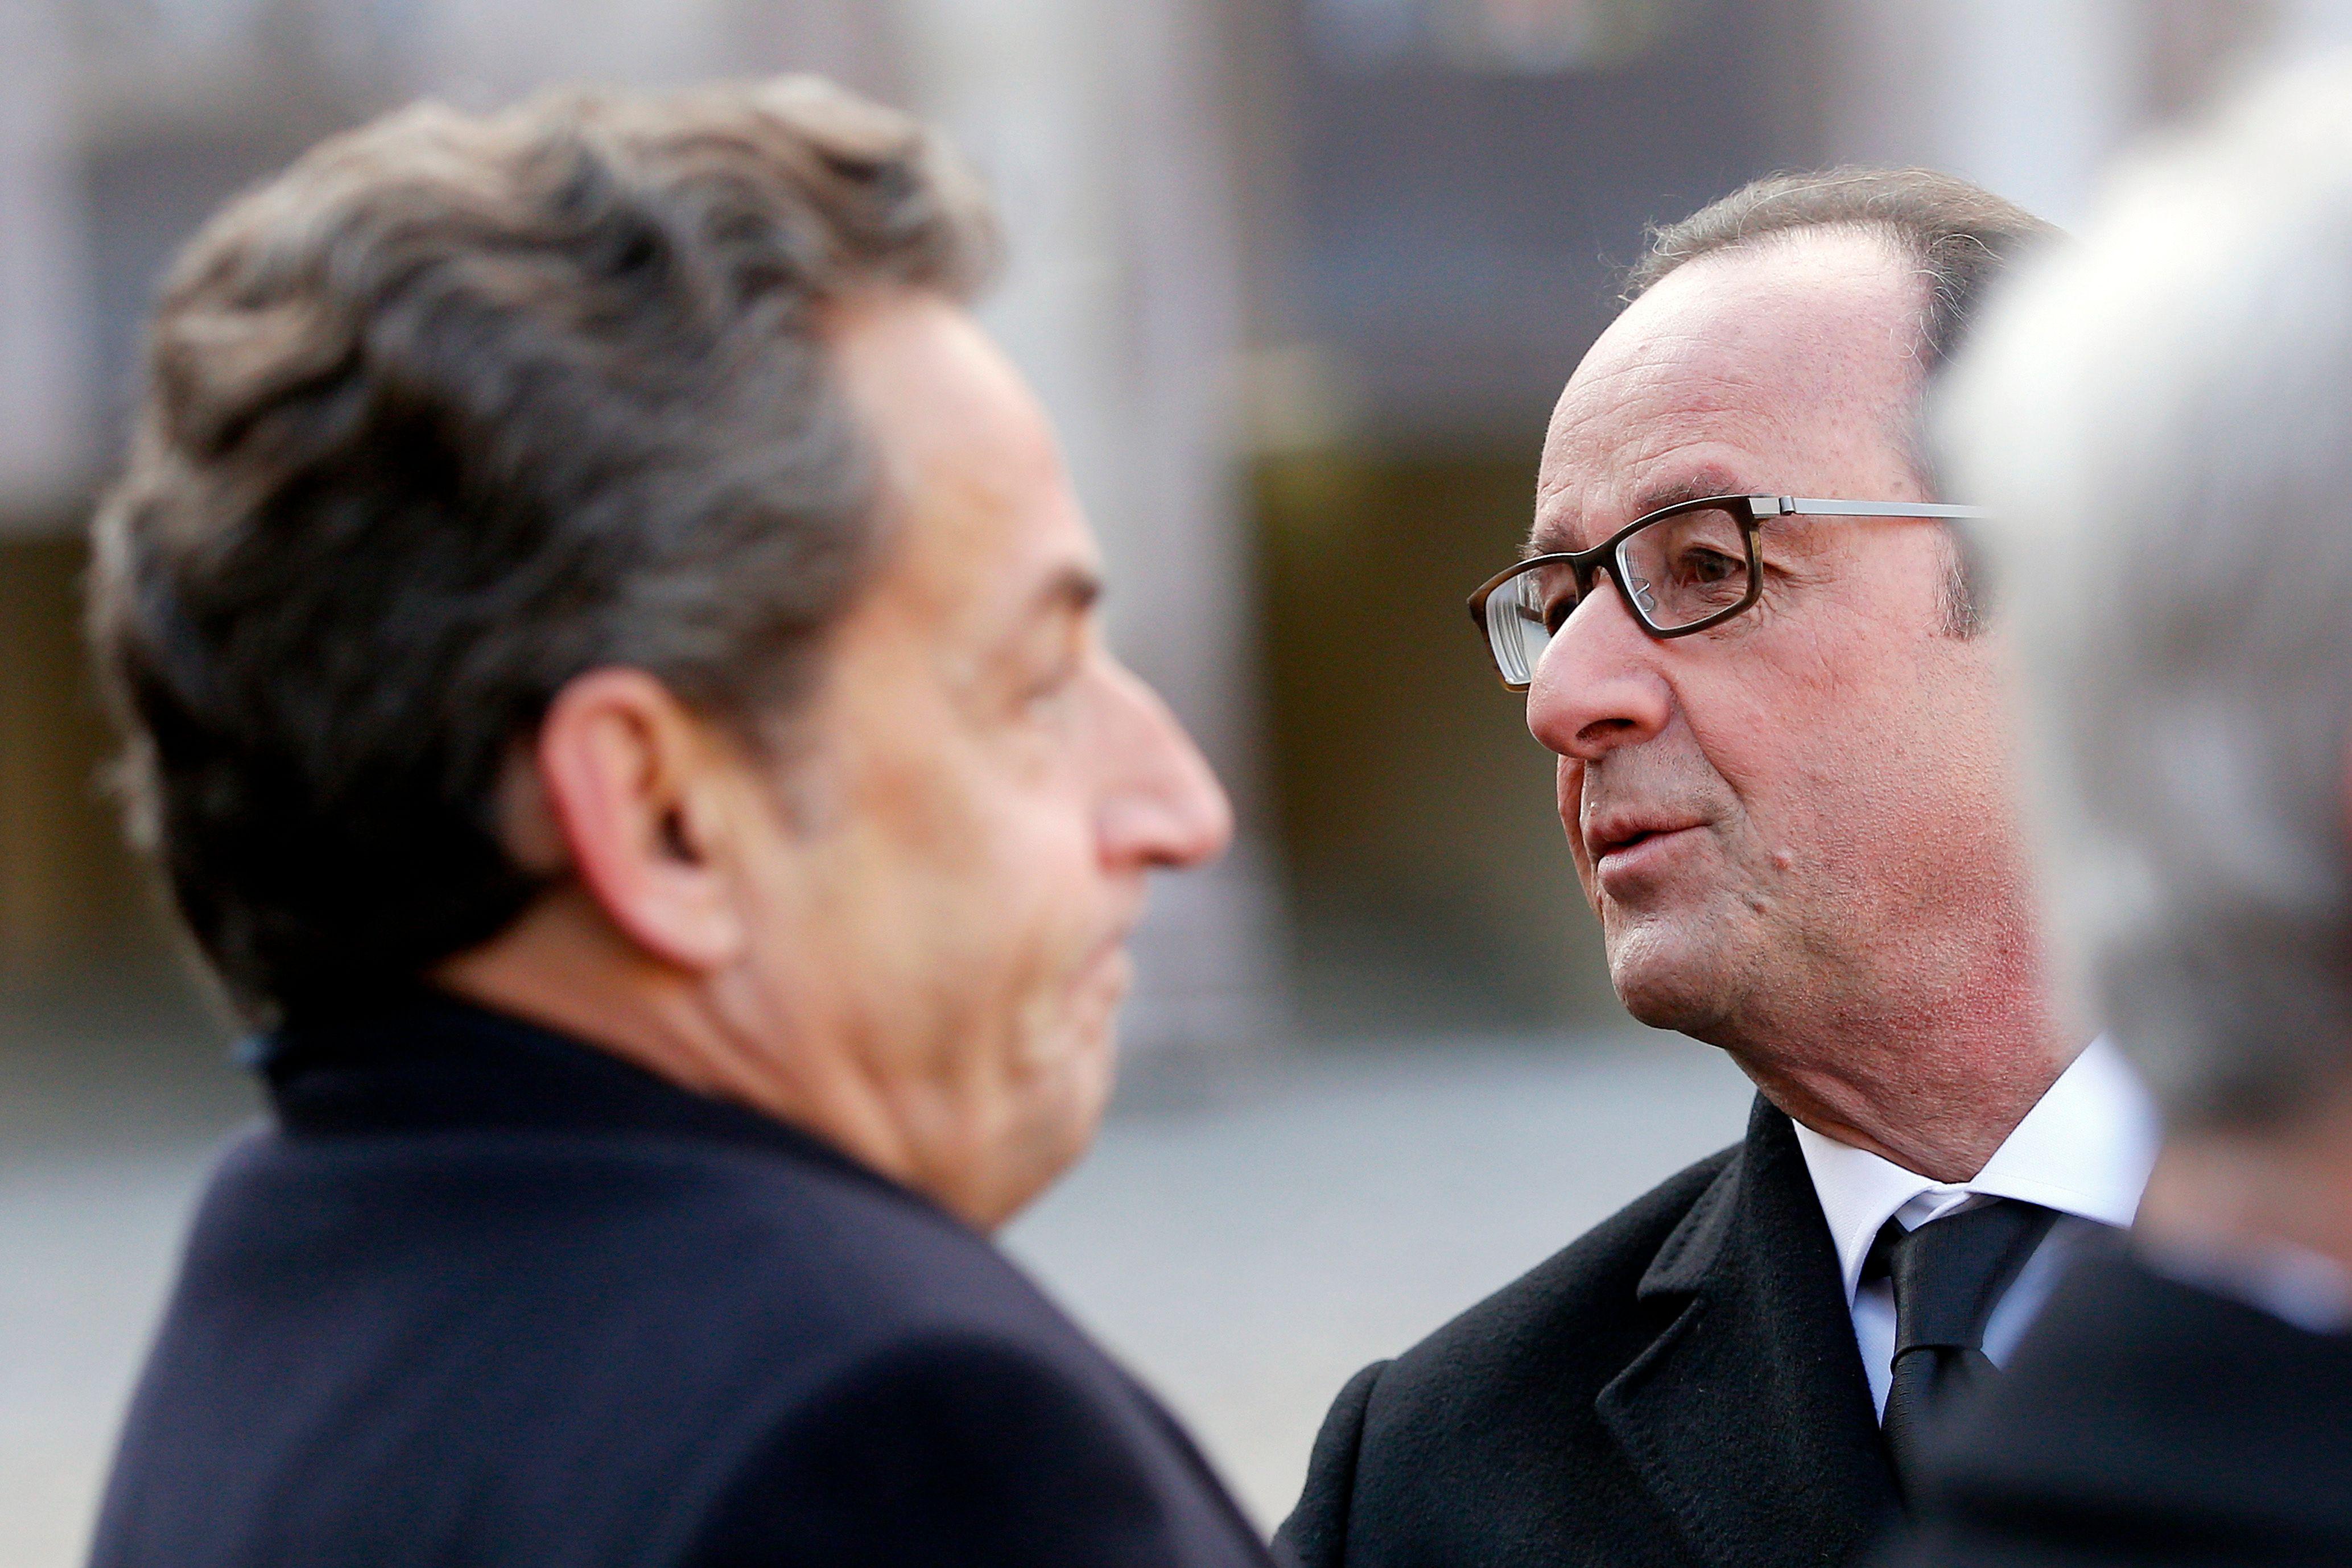 11-Novembre: Nicolas Sarkozy présent aux côtés de François Hollande pour les cérémonies